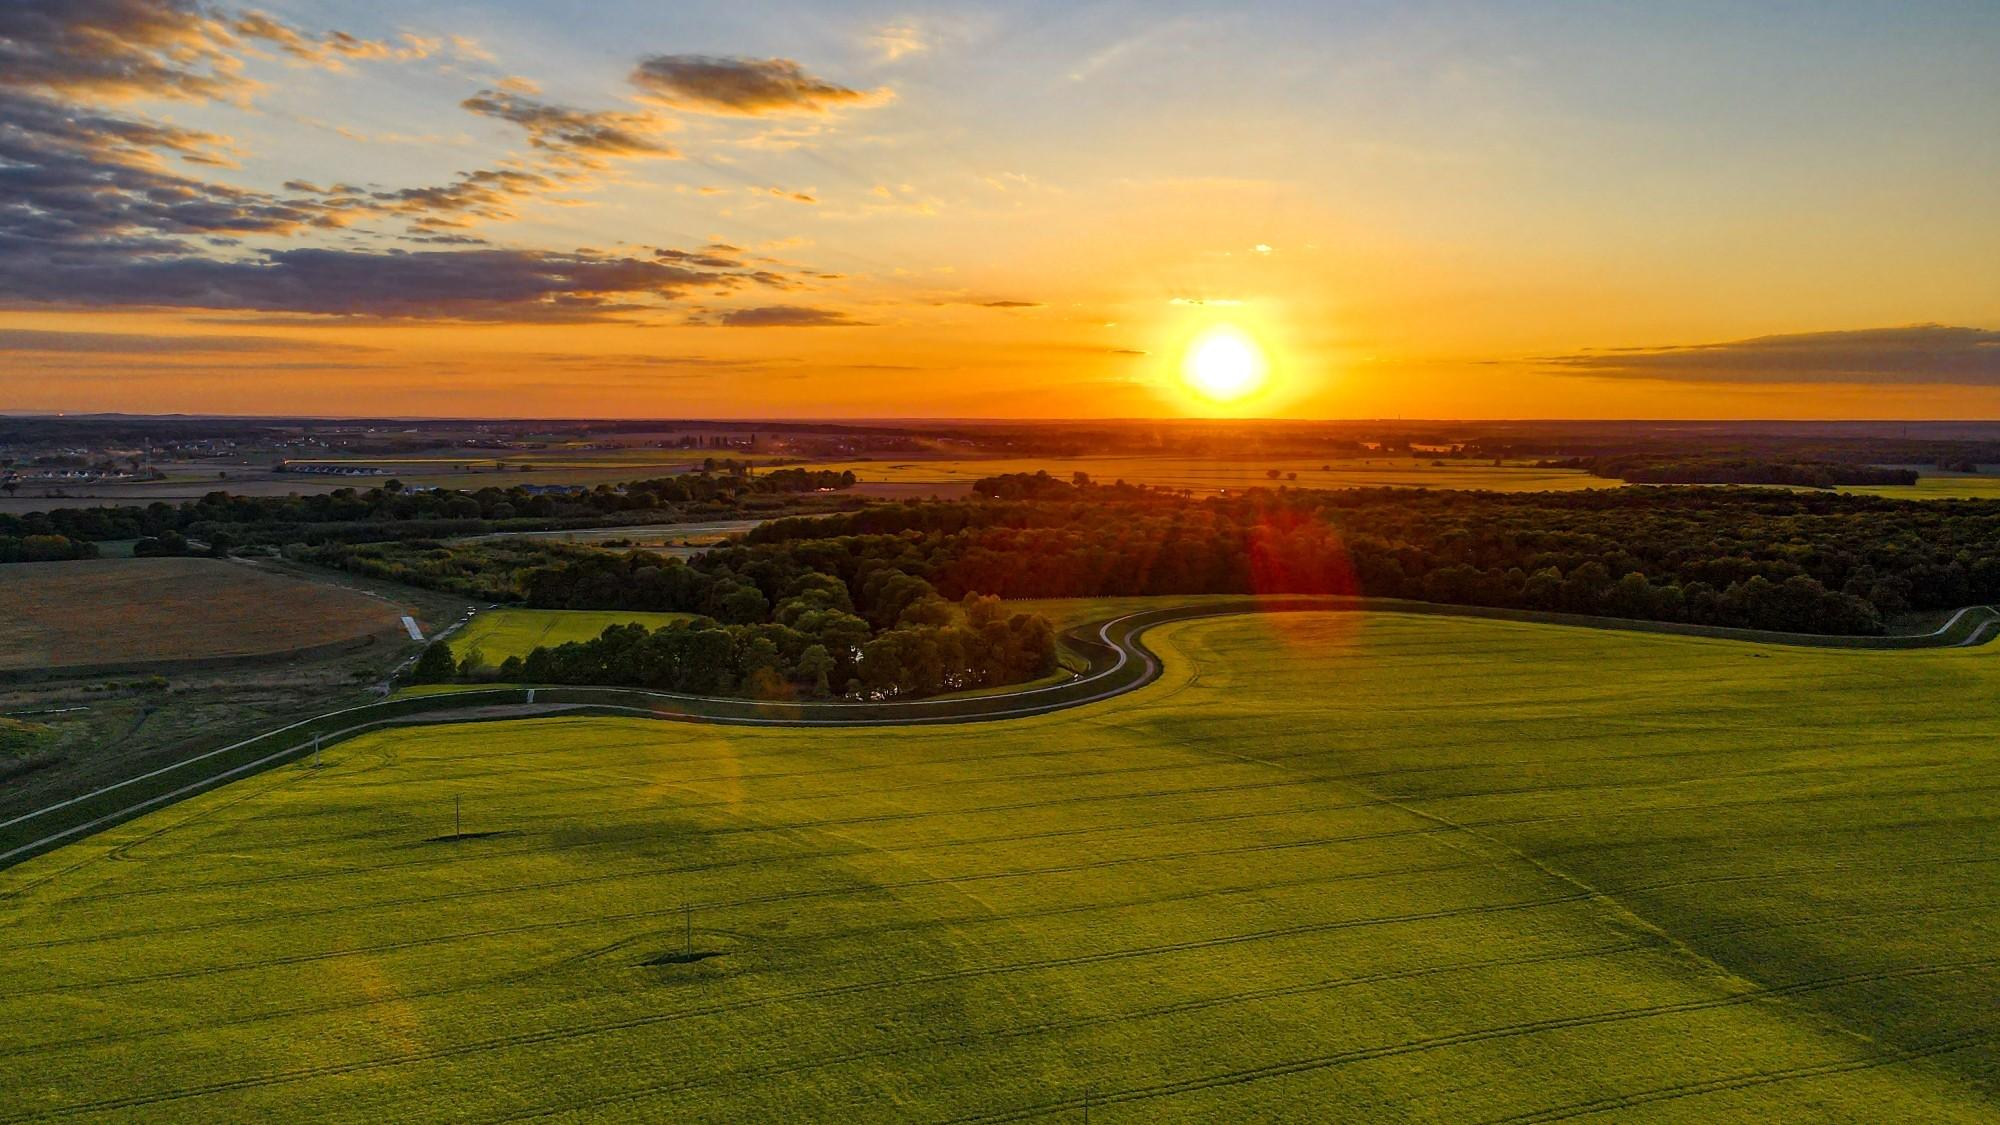 Piękne letnie krajobrazy z lotu ptaka - zdjęcie 1